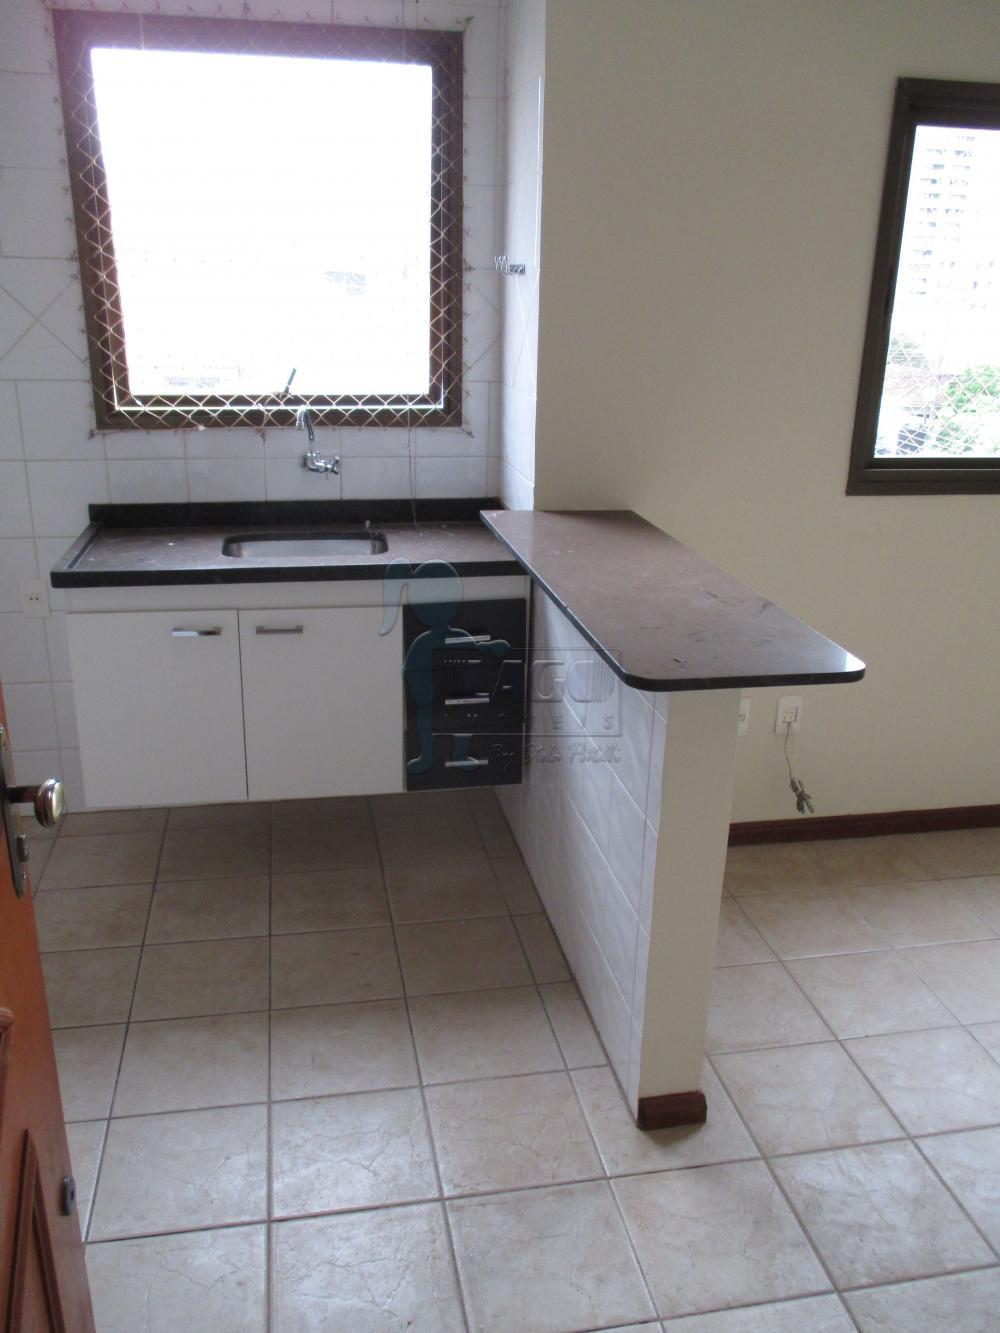 Alugar Apartamento / Padrão em Ribeirão Preto apenas R$ 500,00 - Foto 8